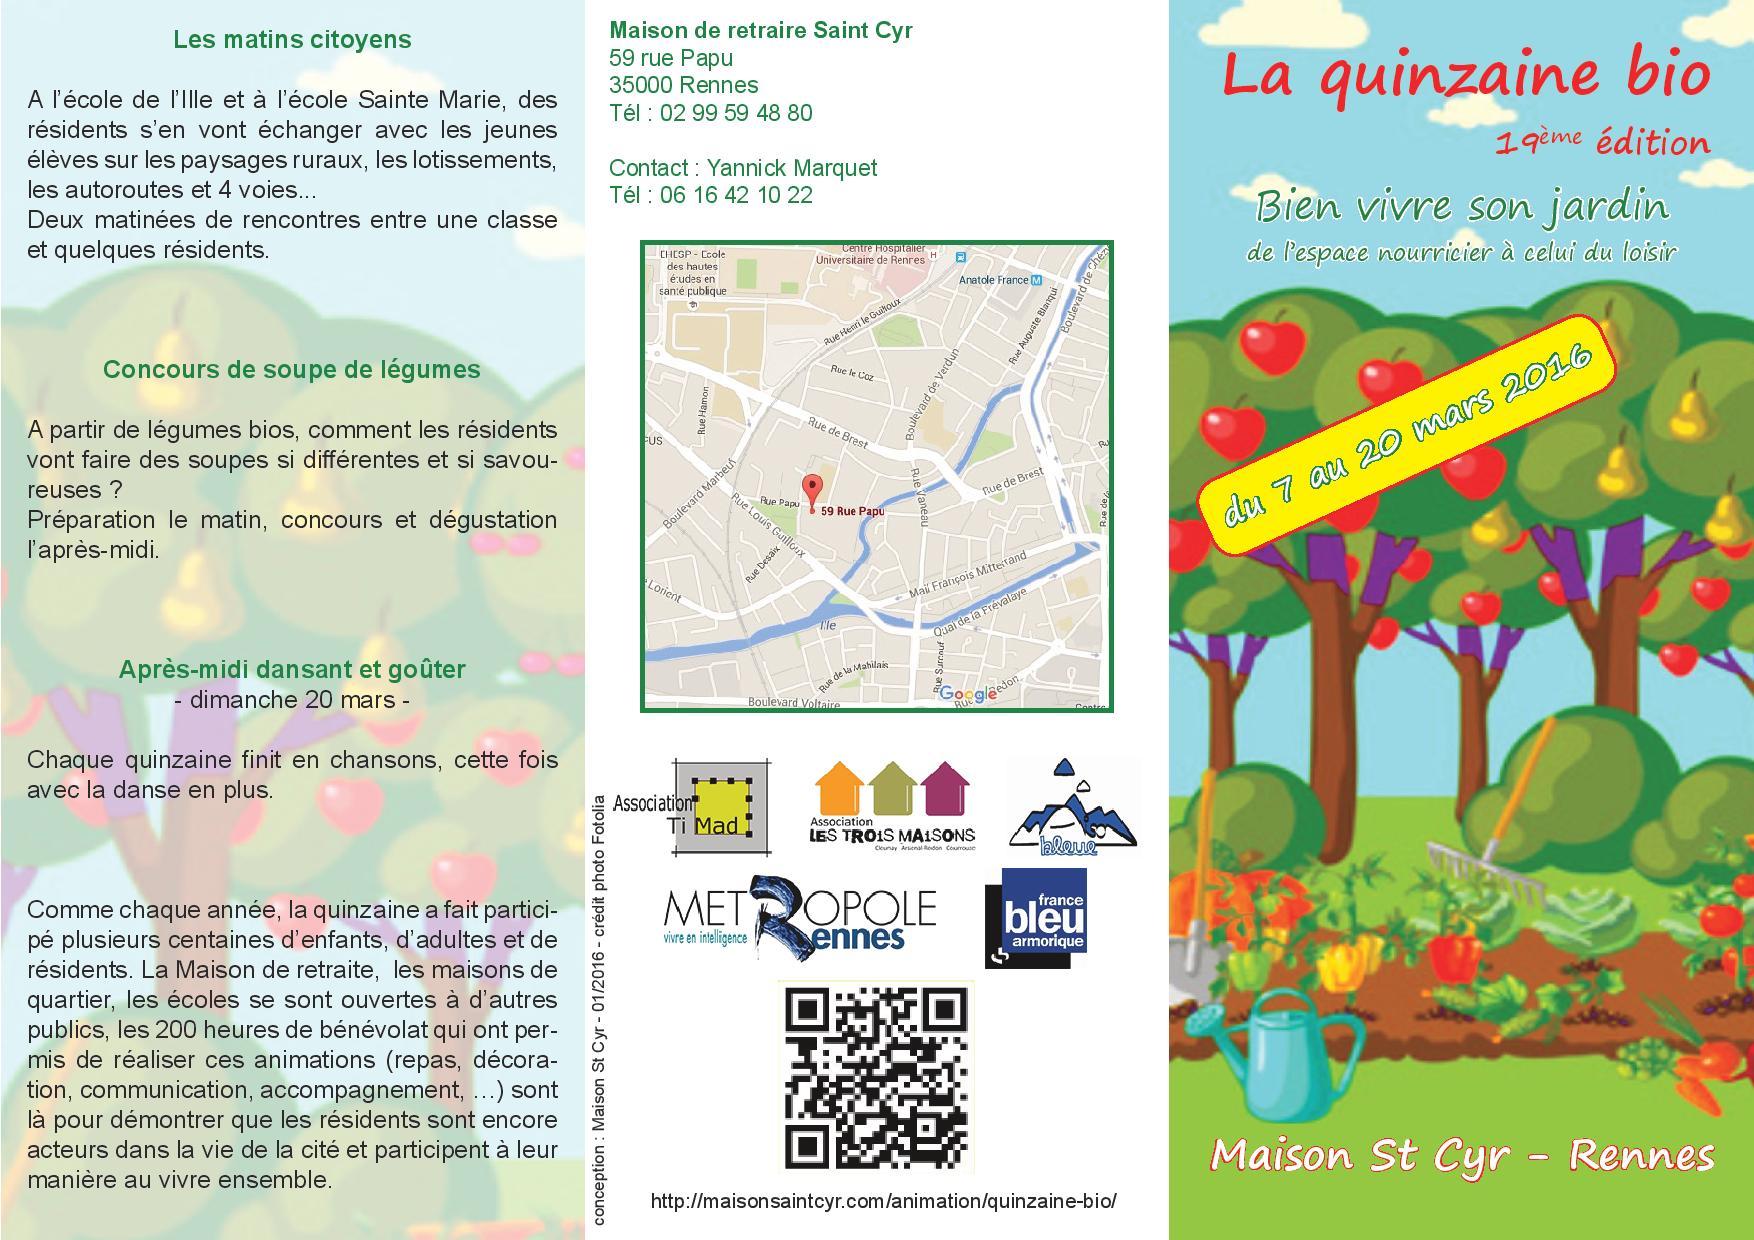 Broyage au Parc st Cyr Rennes Vert le Jardin